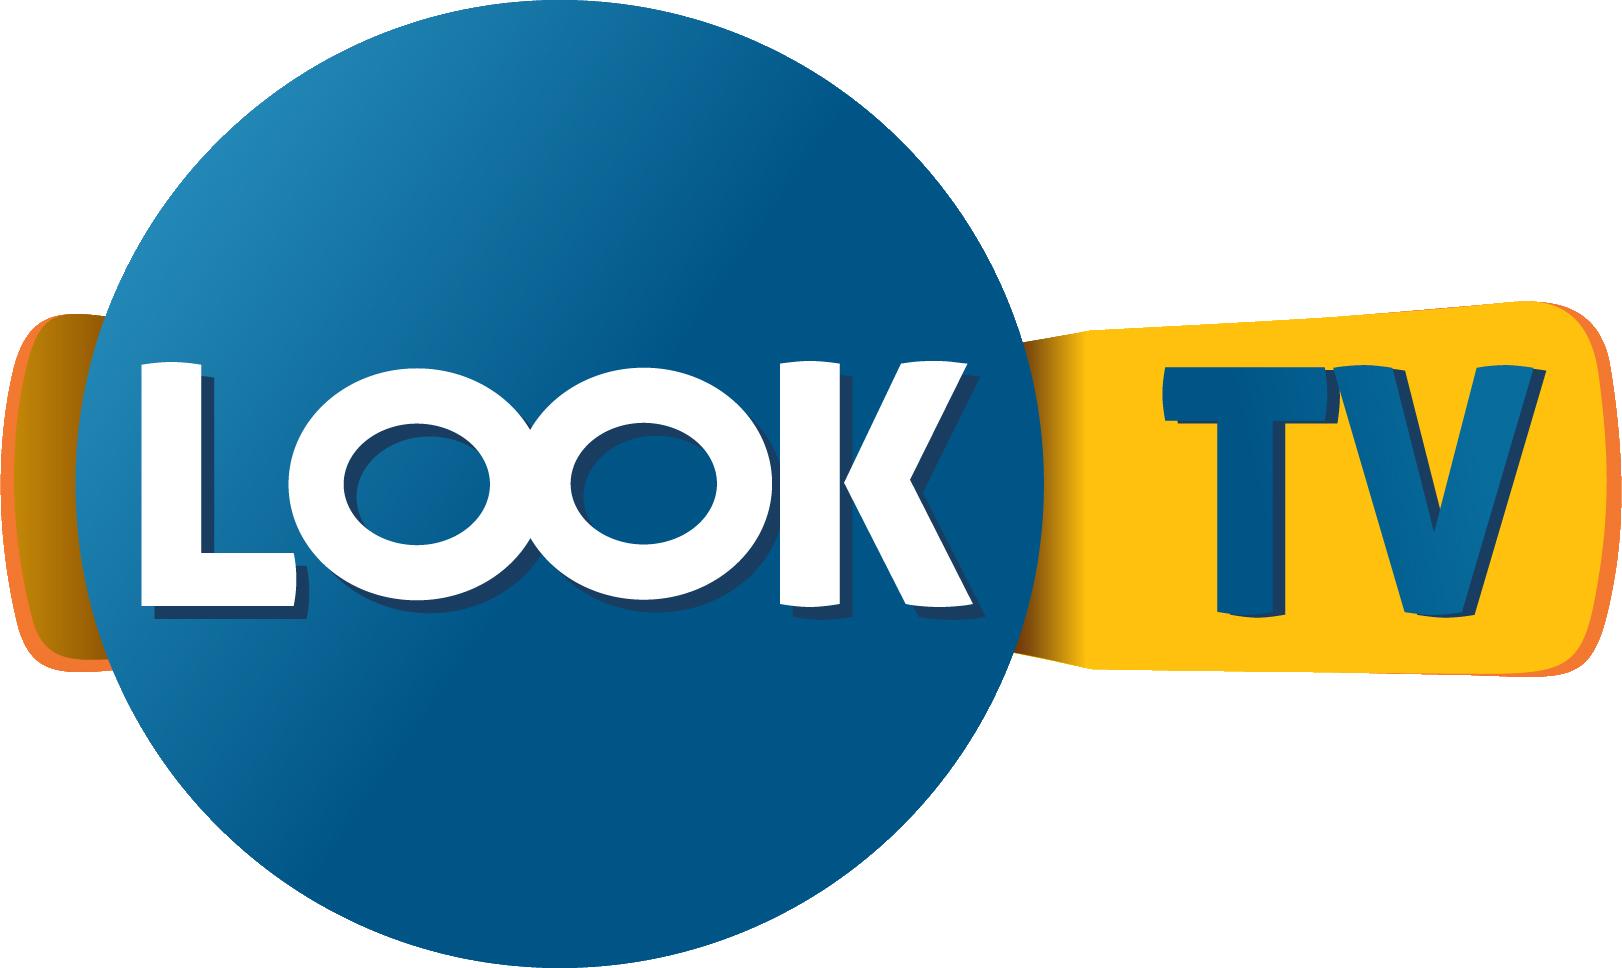 File:Look TV logo.png.